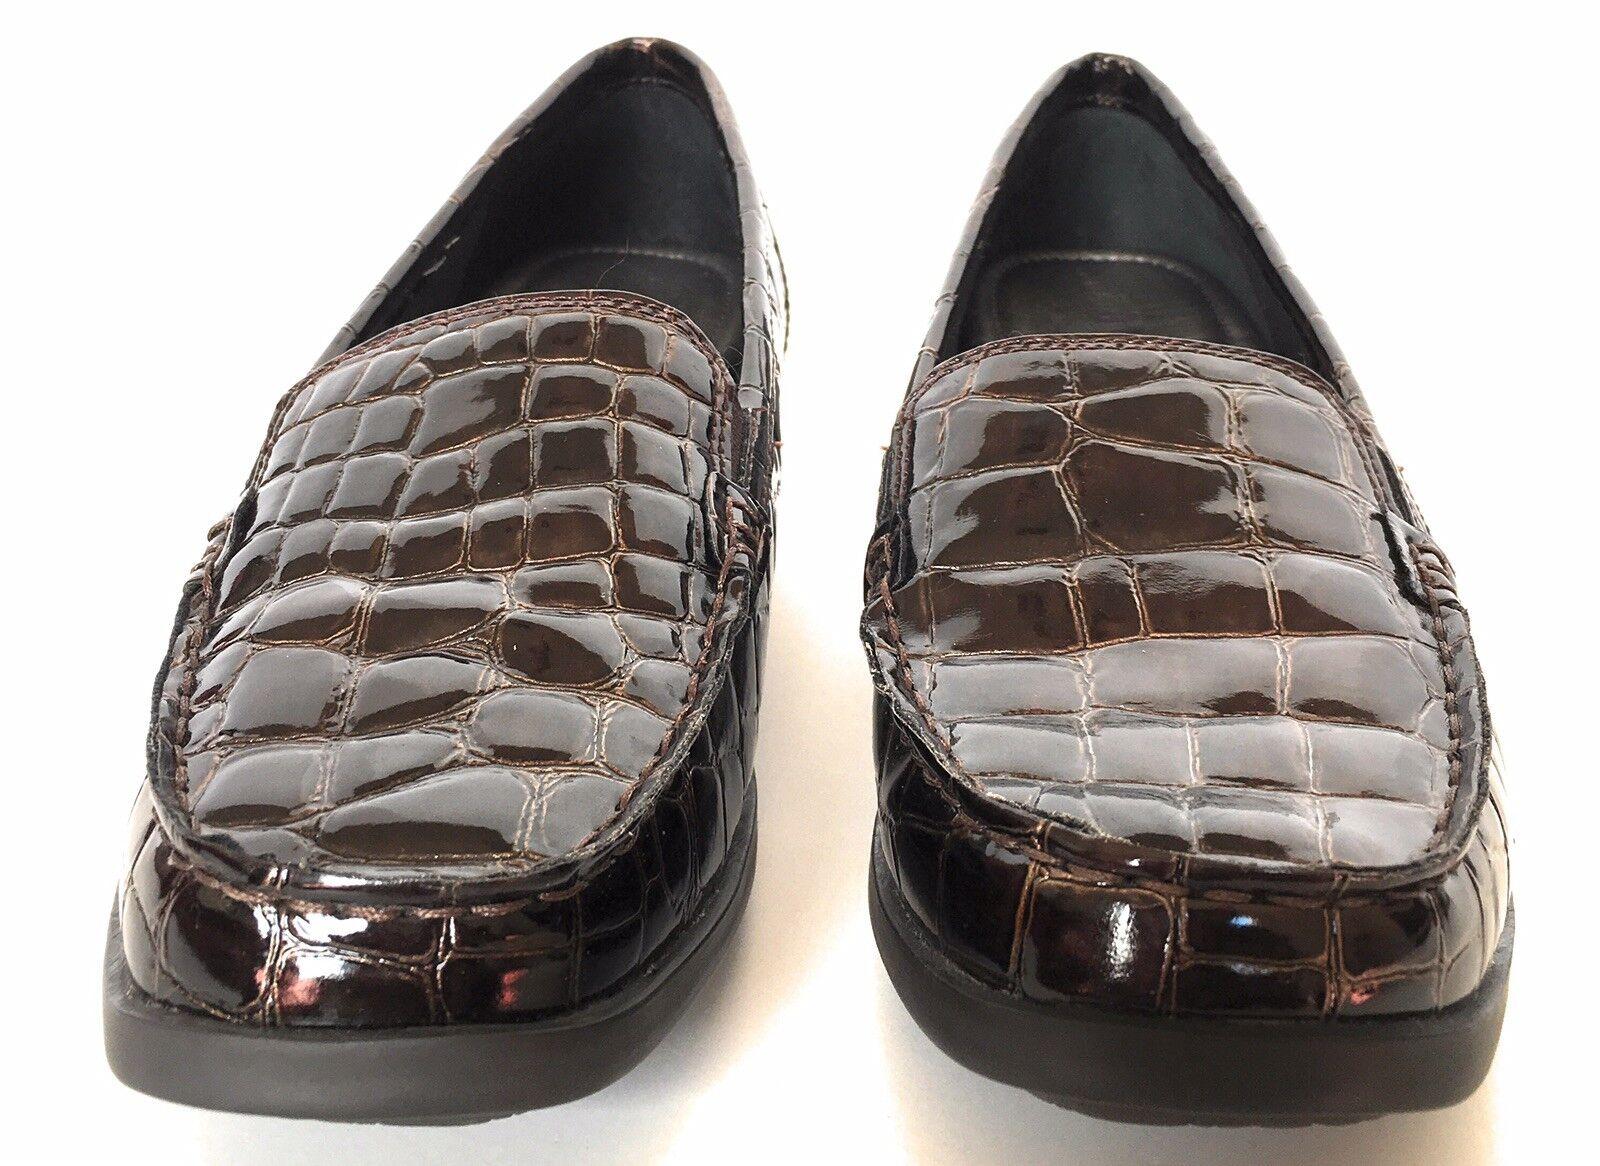 Aravon Whitney mocasines antideslizante en mocasines Whitney zapatos para mujer estampado de cocodrilo negro Talla 9b Nuevo En Caja  109.99 f9d6f7